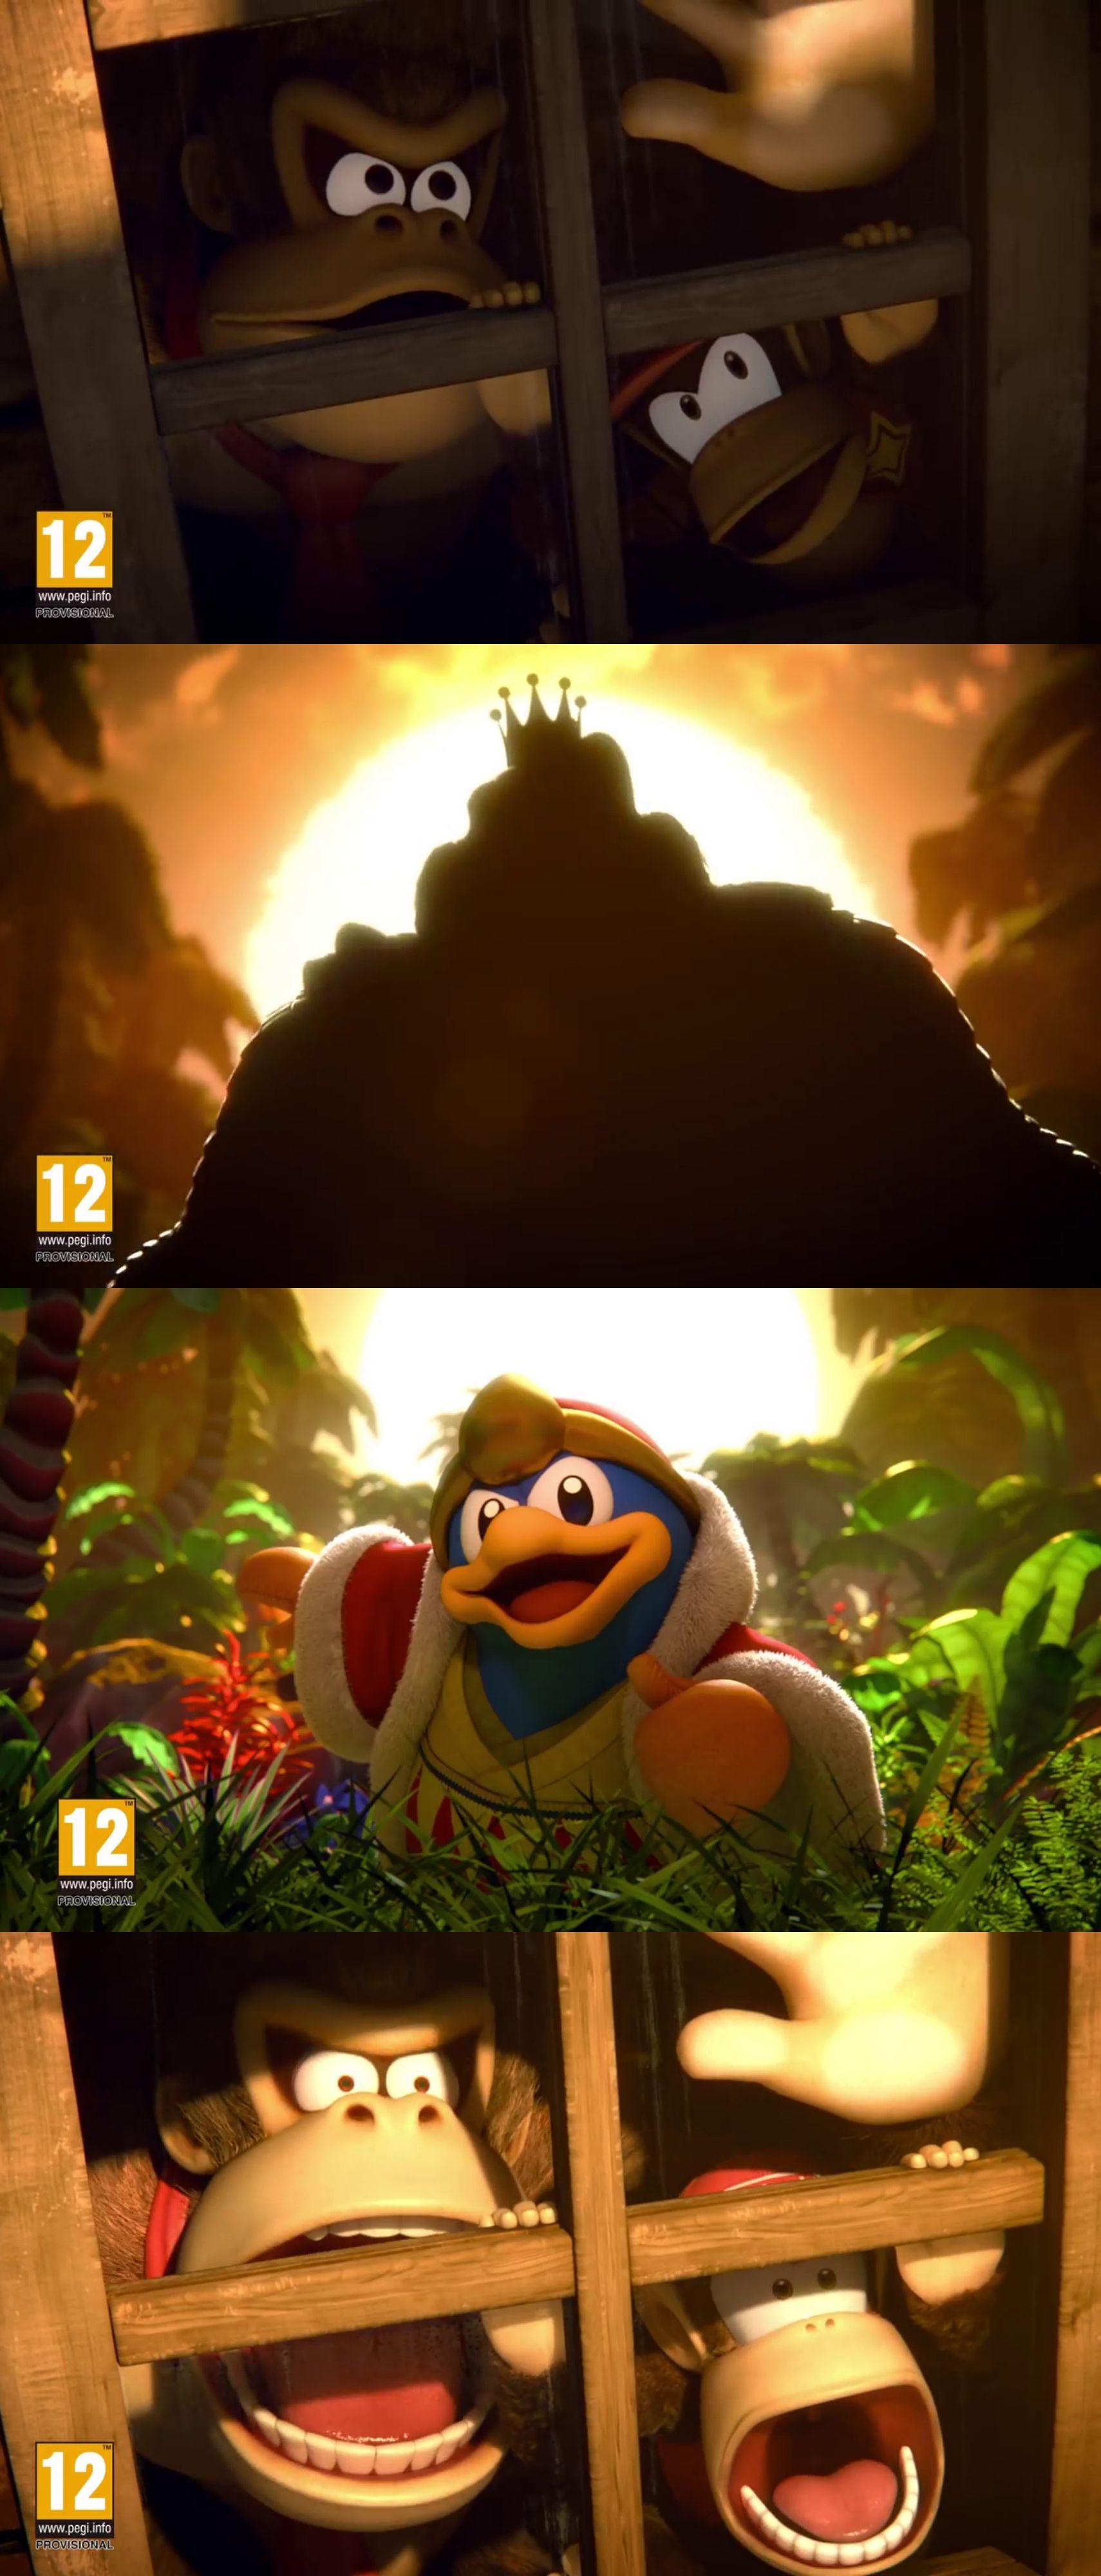 Donkey Kong Diddy Kong King Dedede Super Smash Bros Ultimate